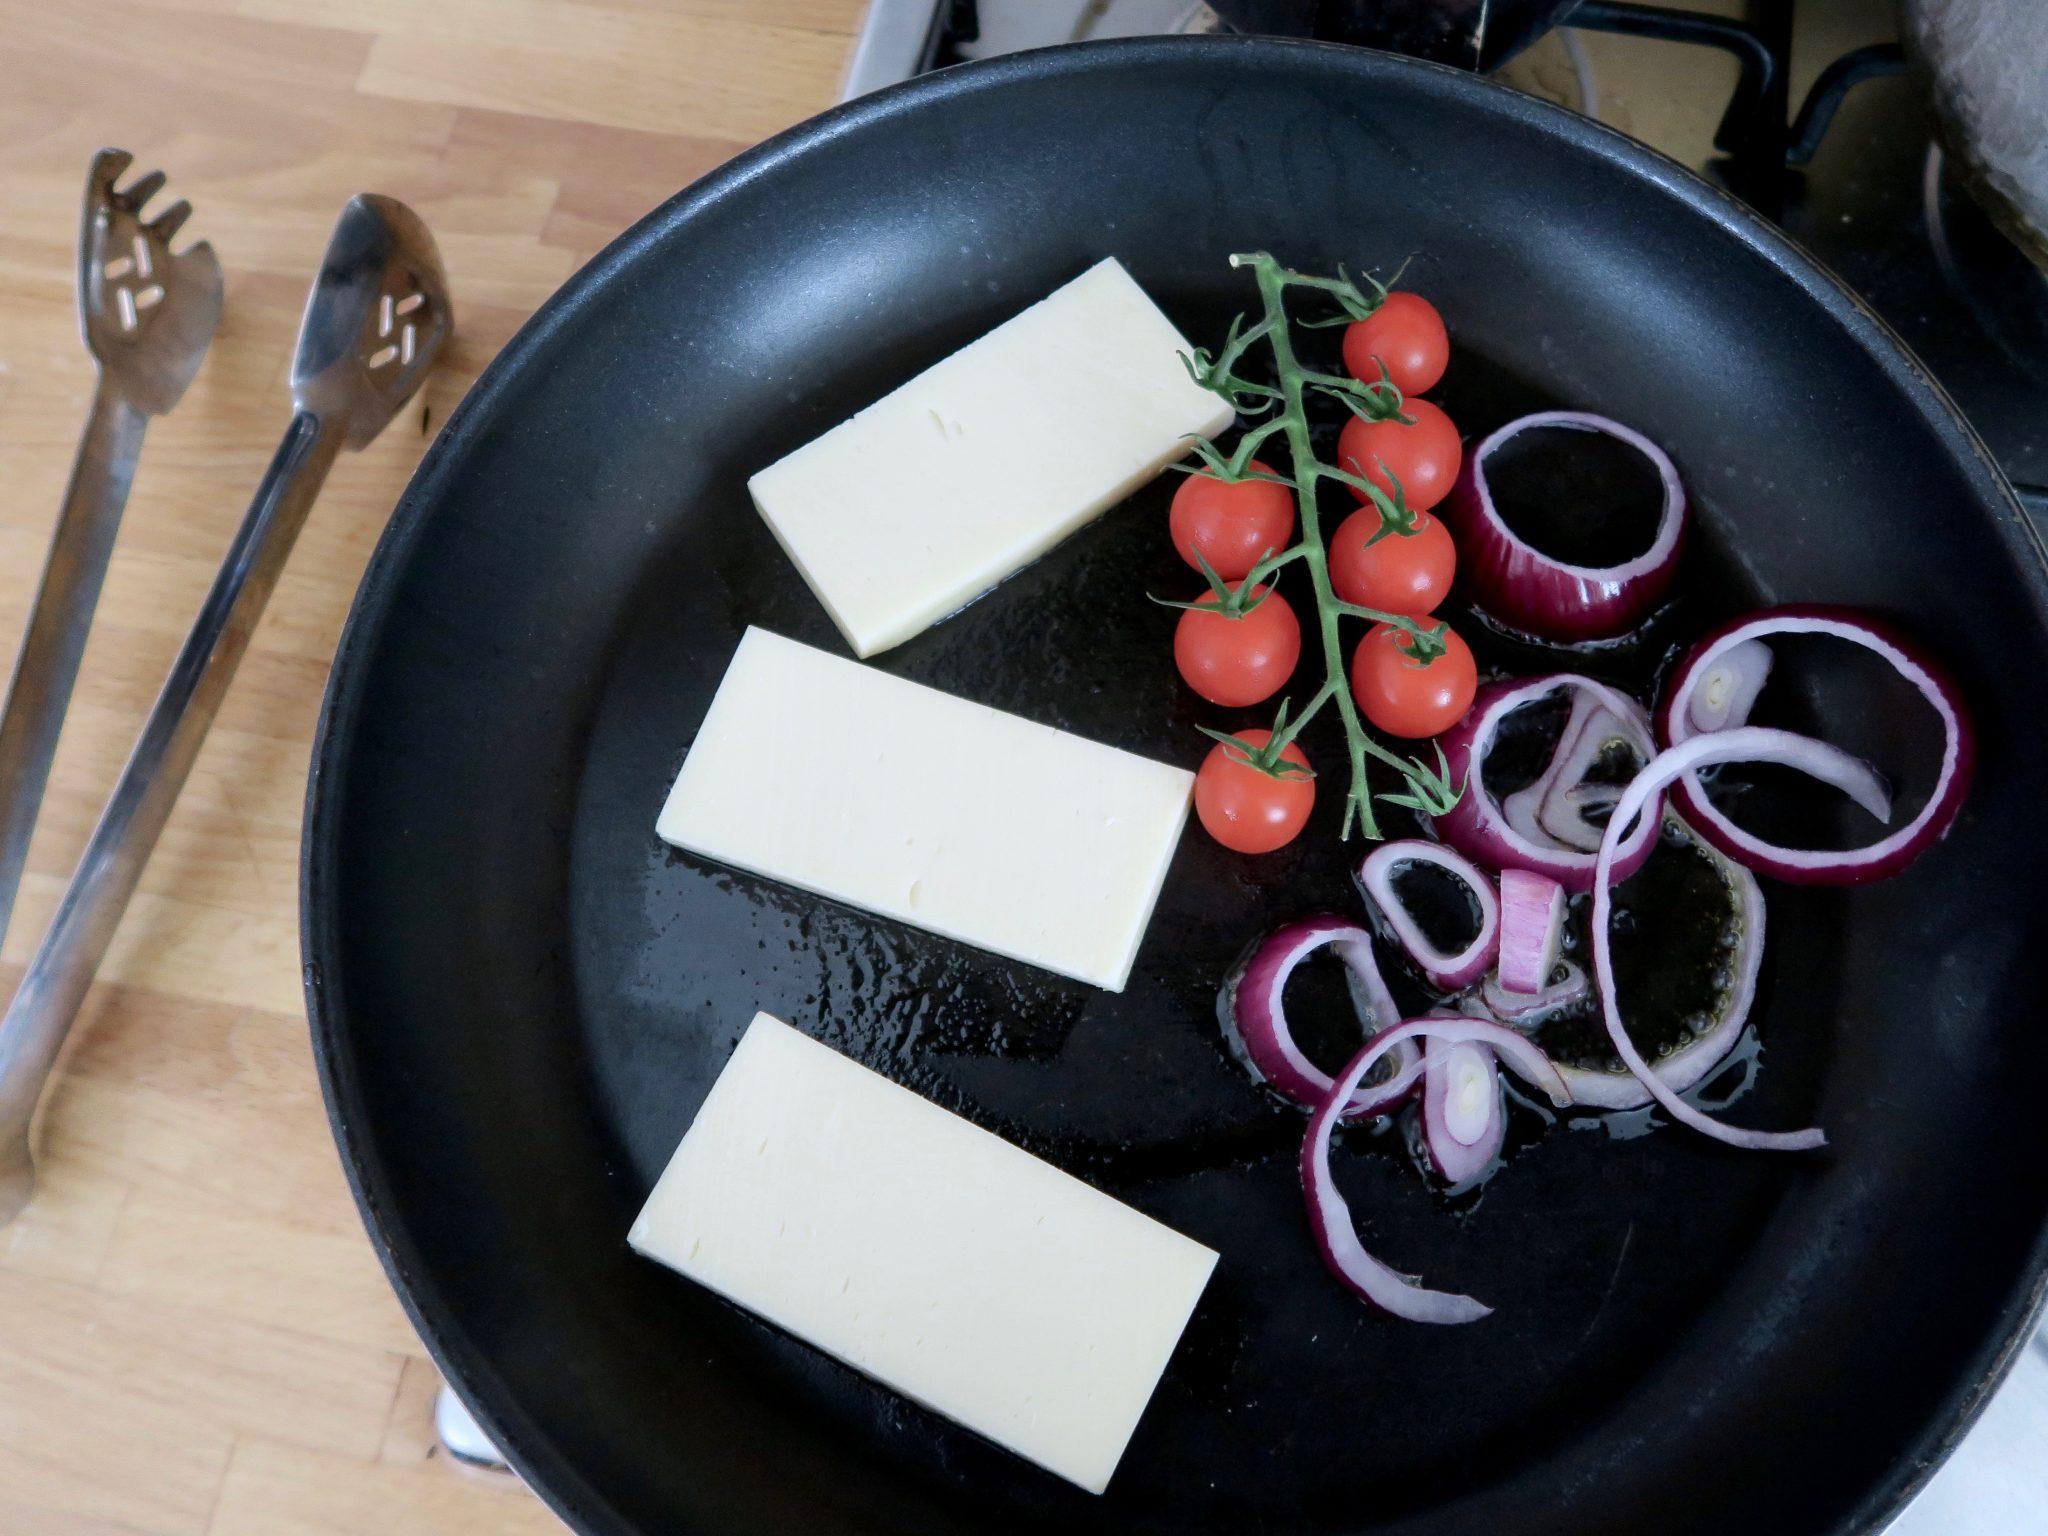 How to cook Violife vegan halloumi block | Curiously Conscious